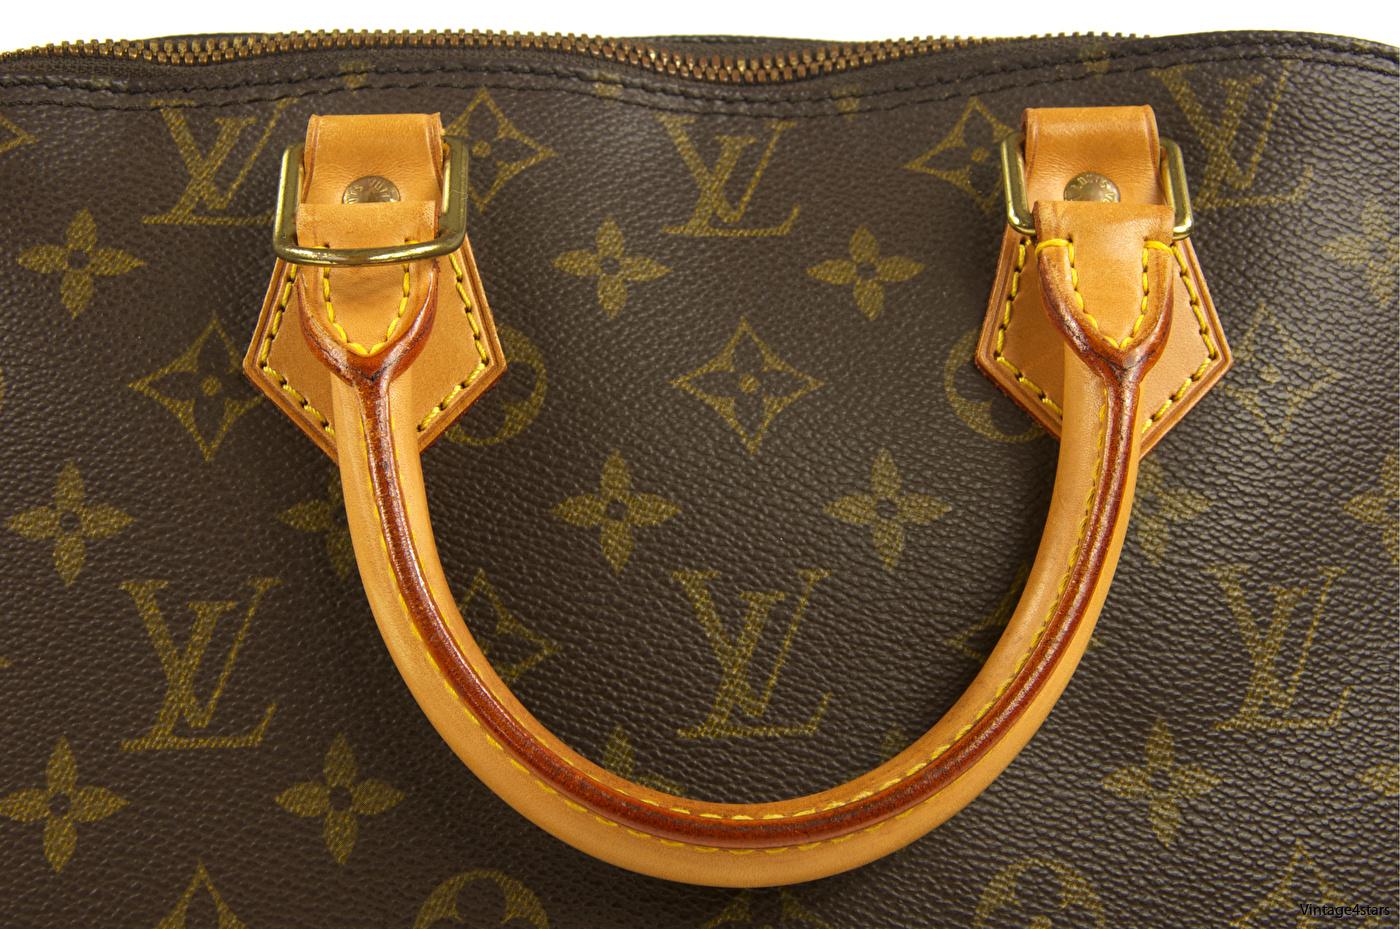 Louis Vuitton Alma 12